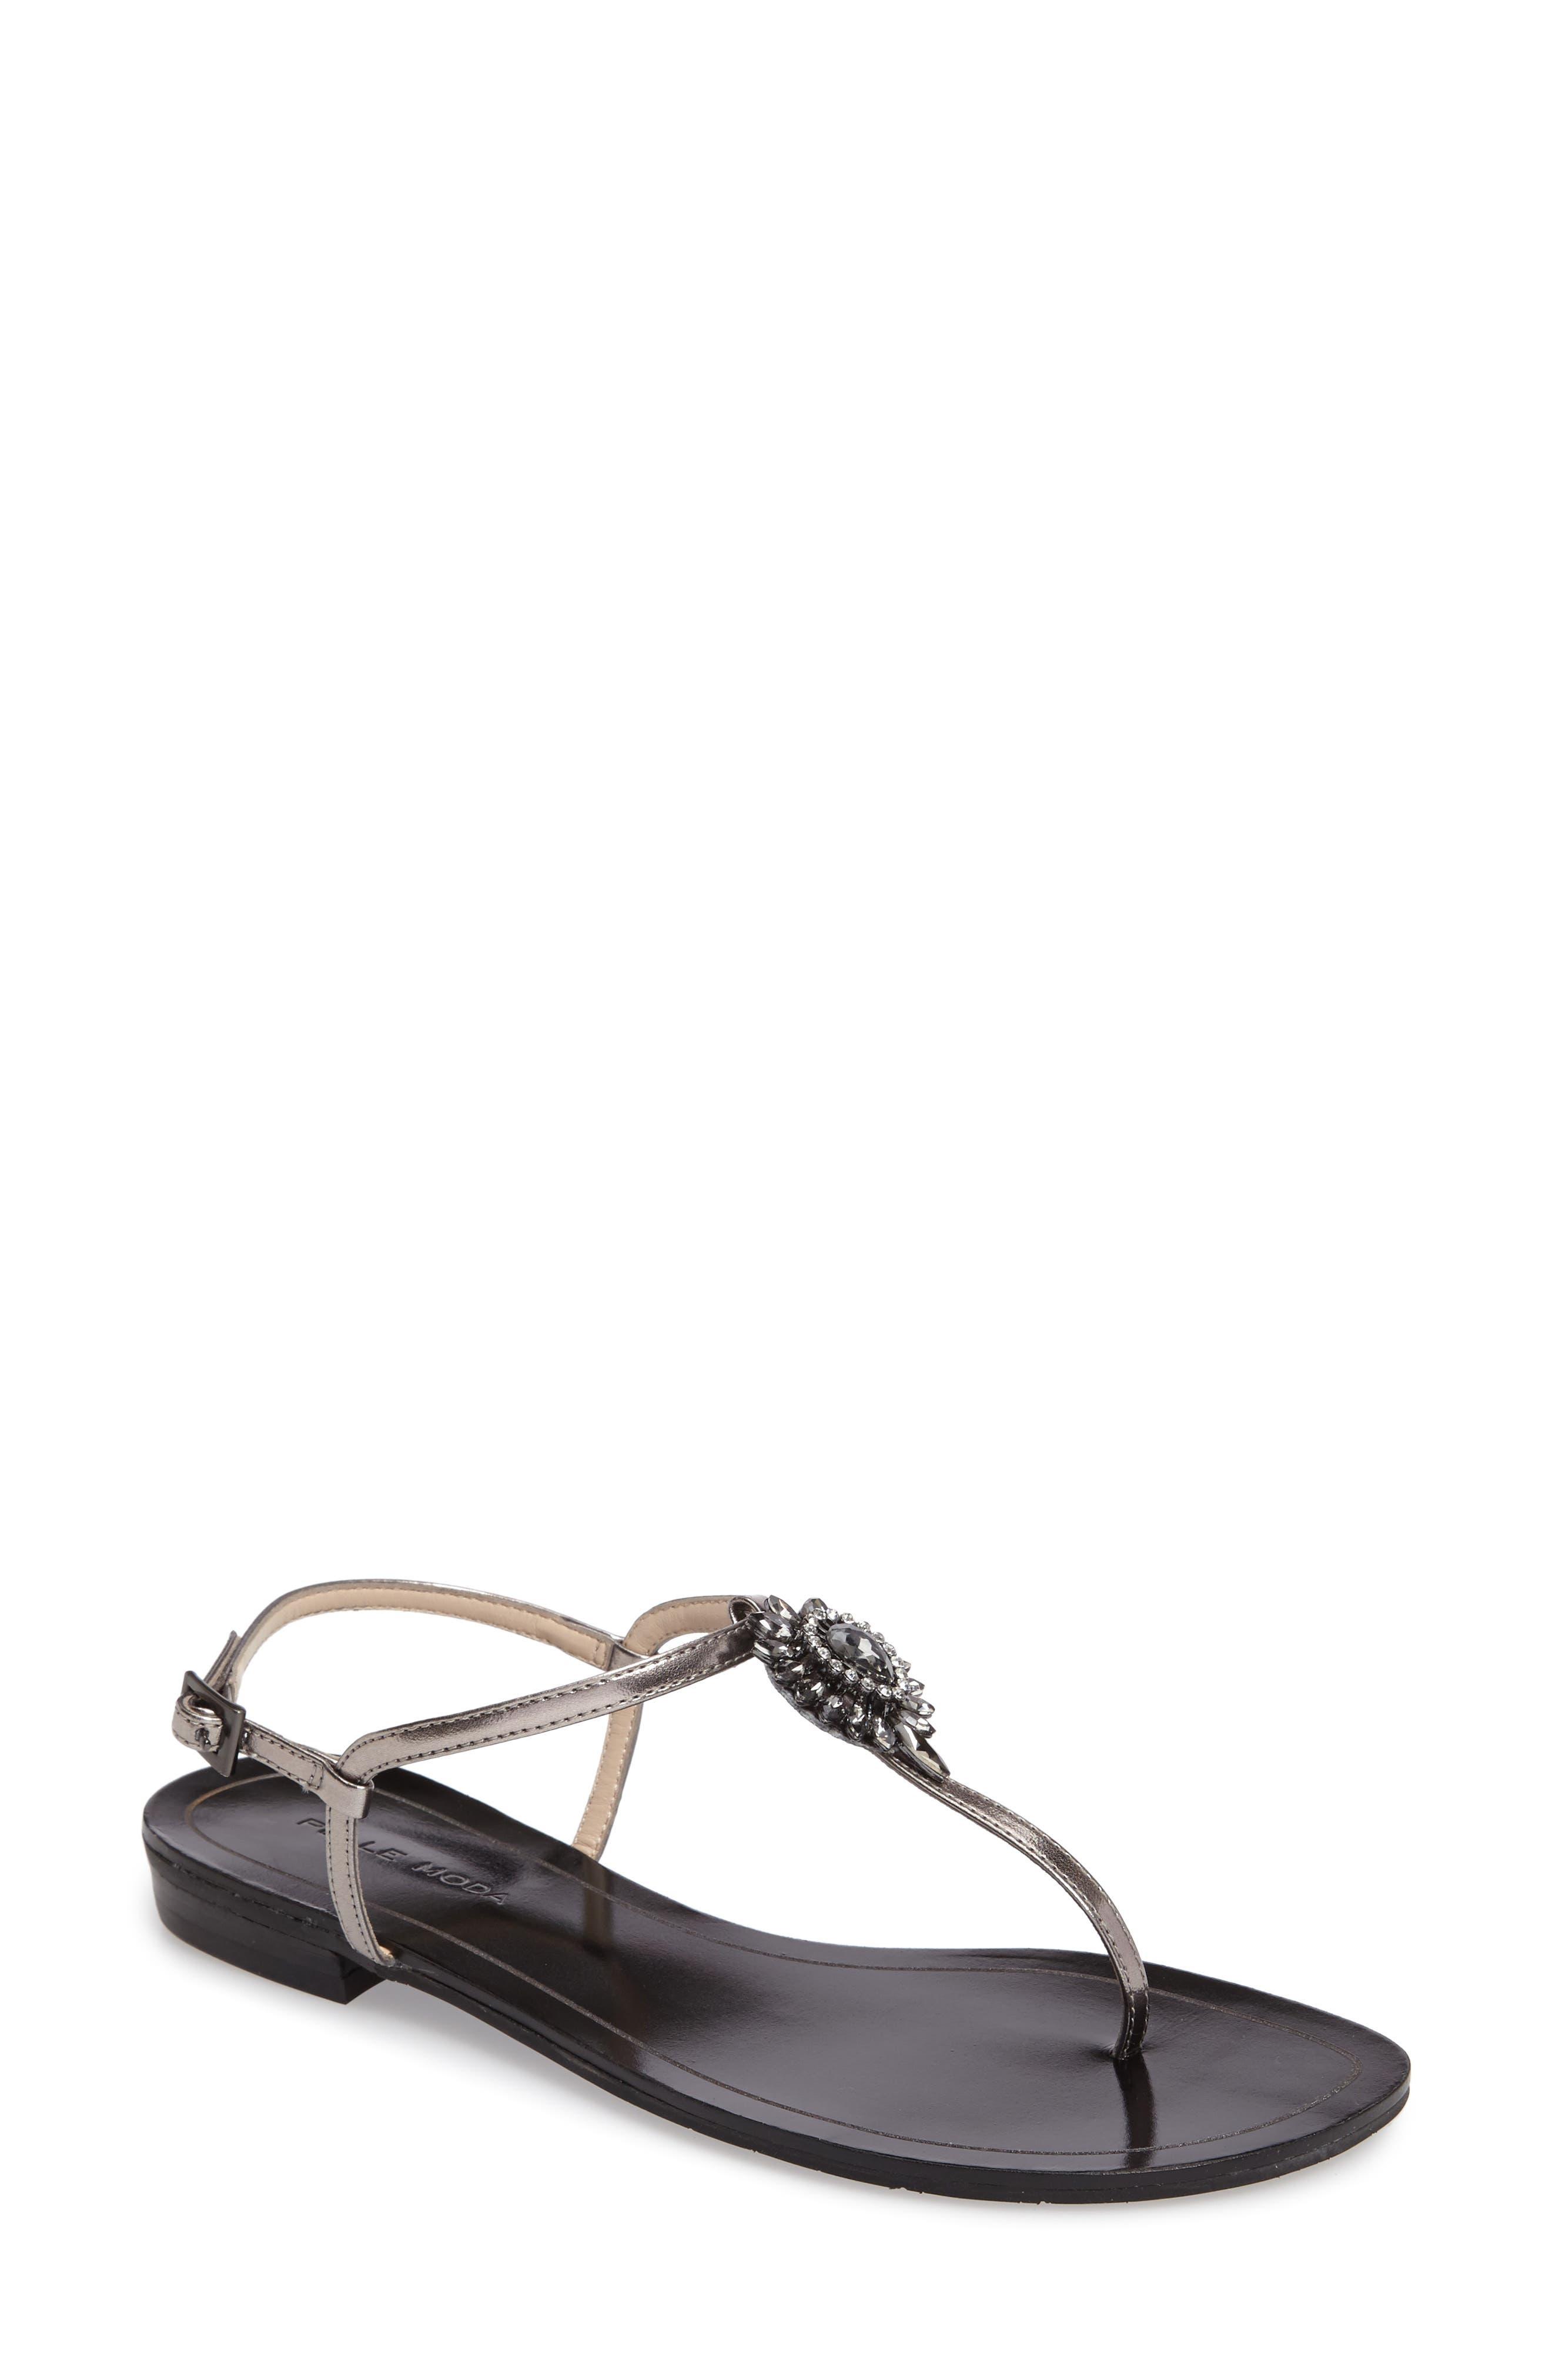 Baxley 3 Crystal Embellished Sandal,                         Main,                         color, 022